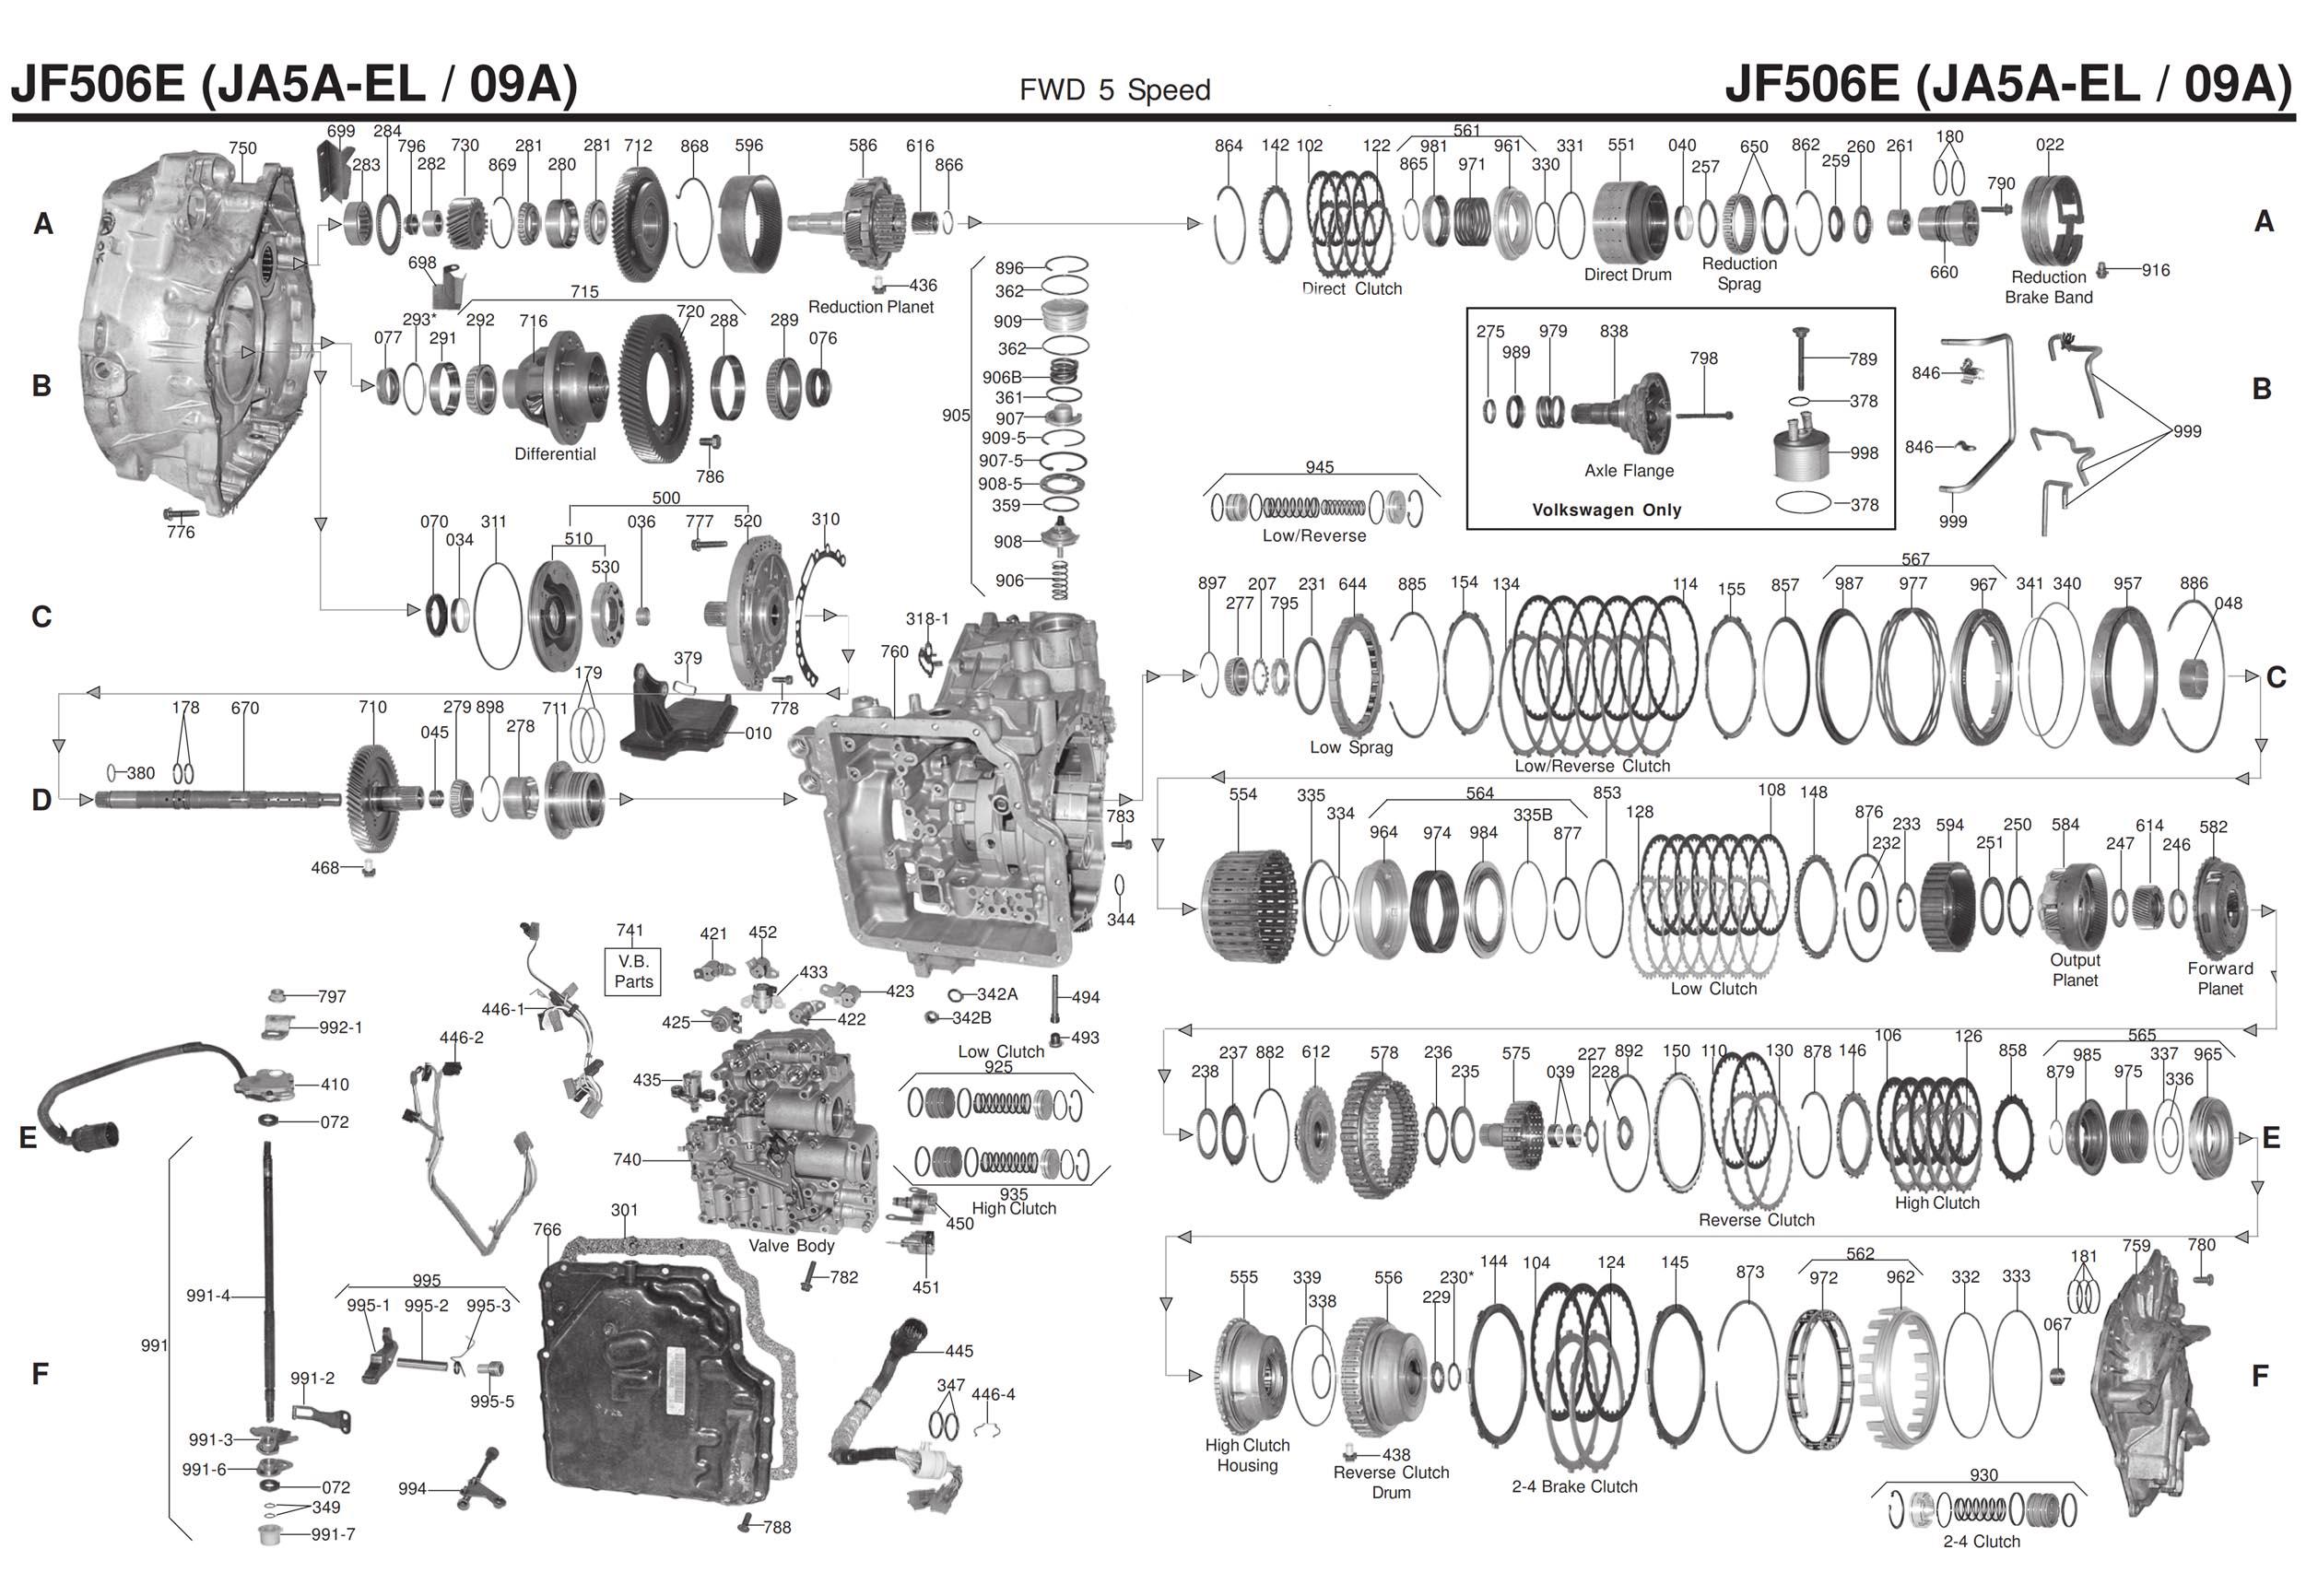 Transmission Repair Manuals 09a Vw Jf506e Ja5a El